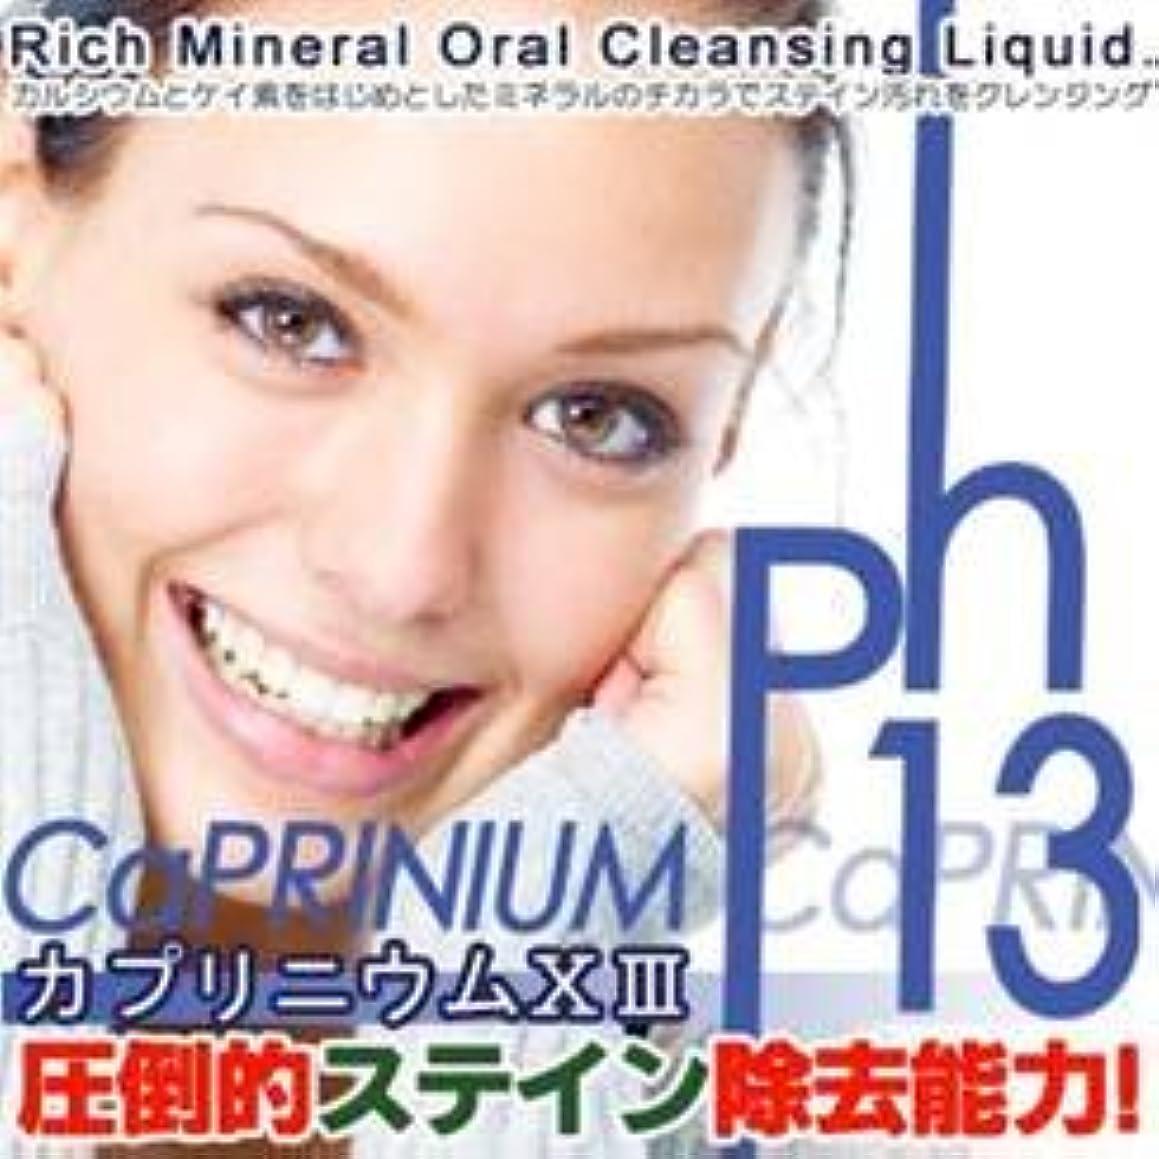 気怠い反発する上記の頭と肩カプリニウムサーティーンジェル1個入(10日分) 電動歯ブラシ対応歯磨きジェル